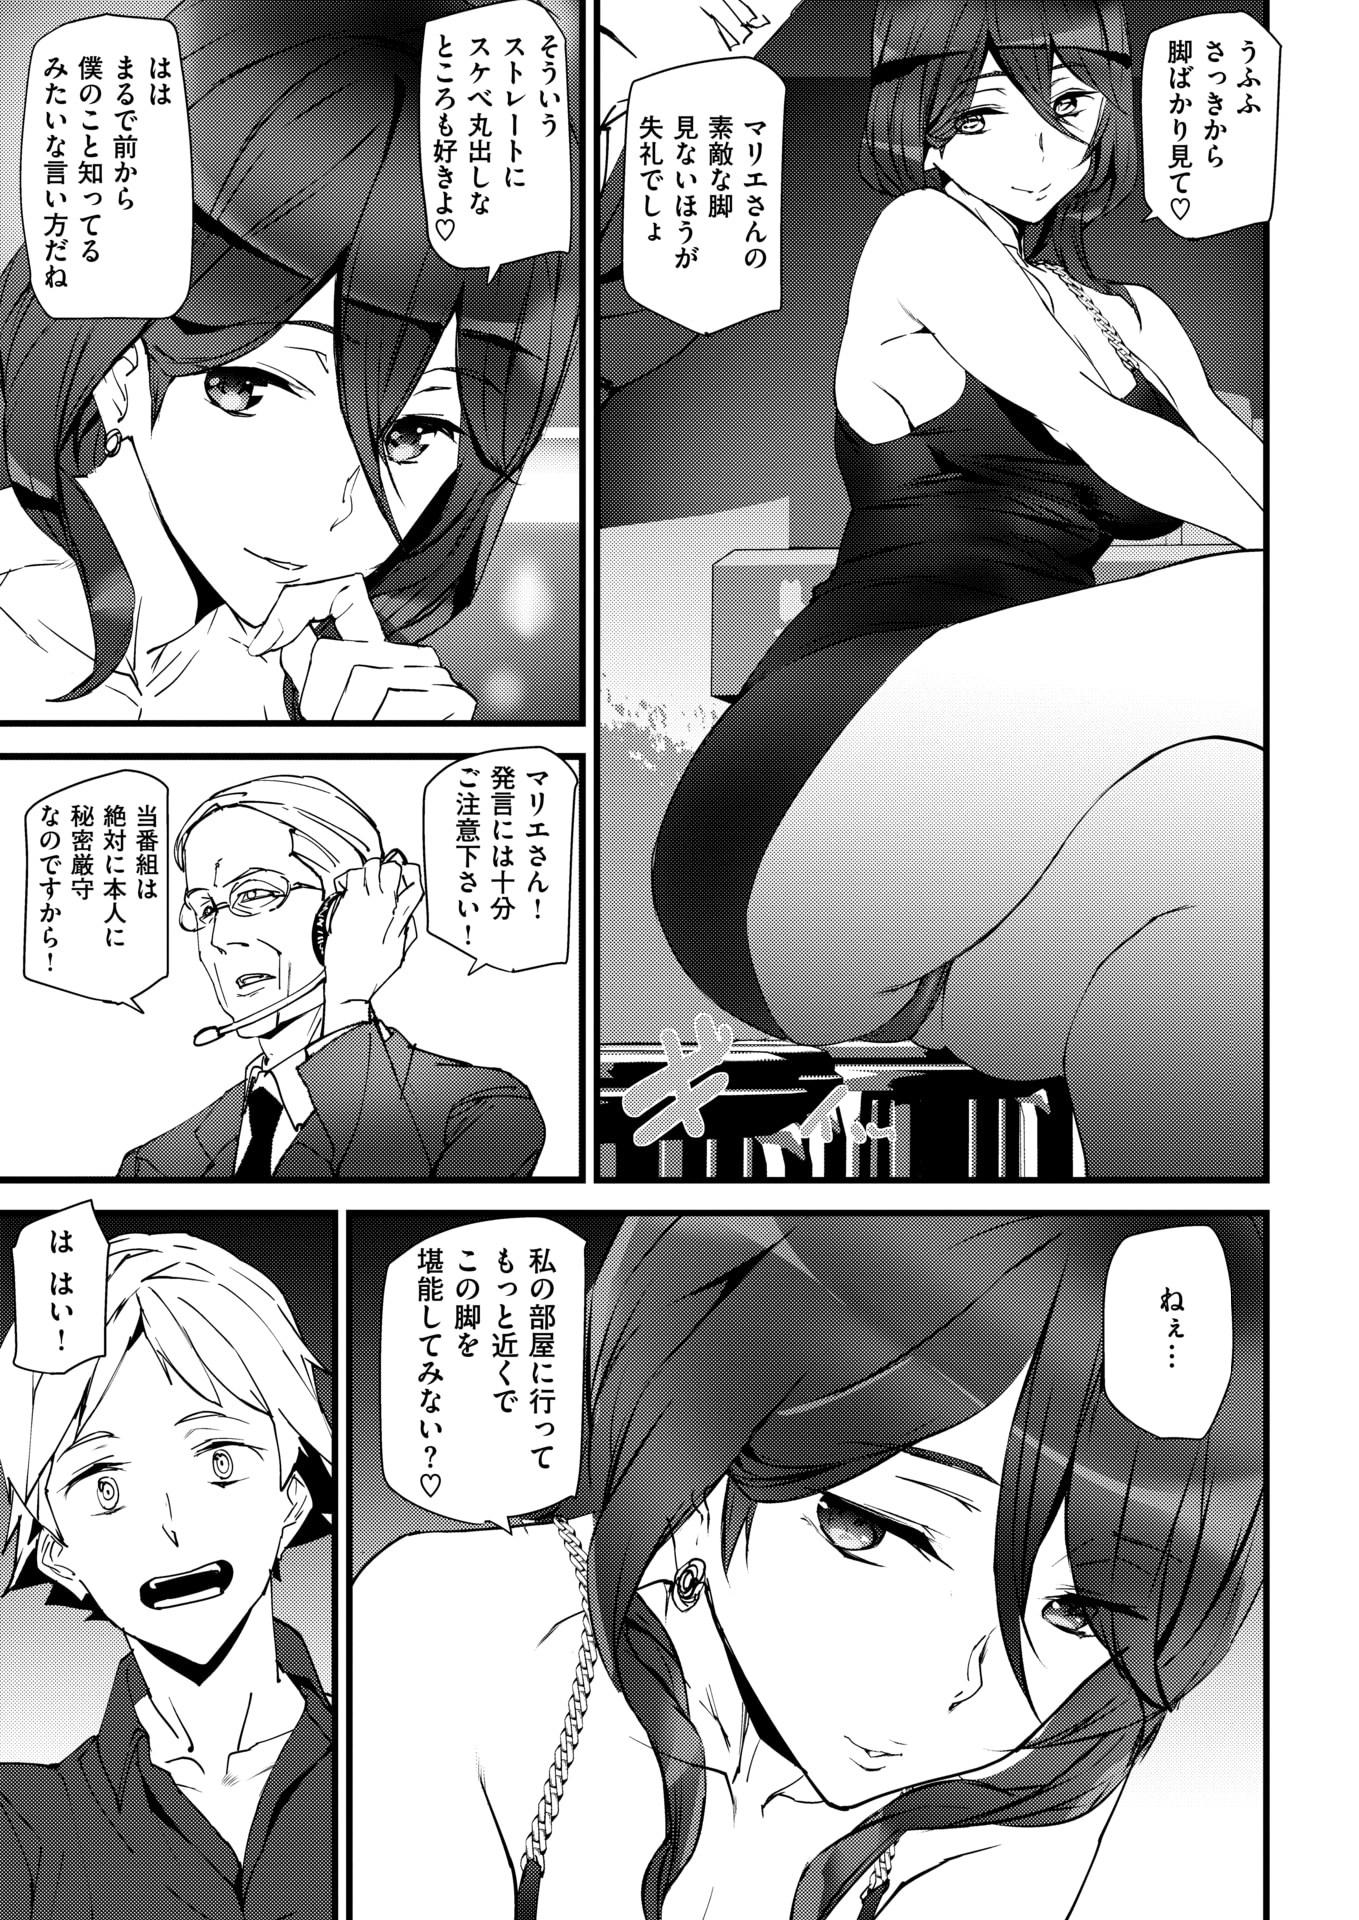 【ギャル巨乳エロ漫画】MAHITO NAKED LIFE_00013